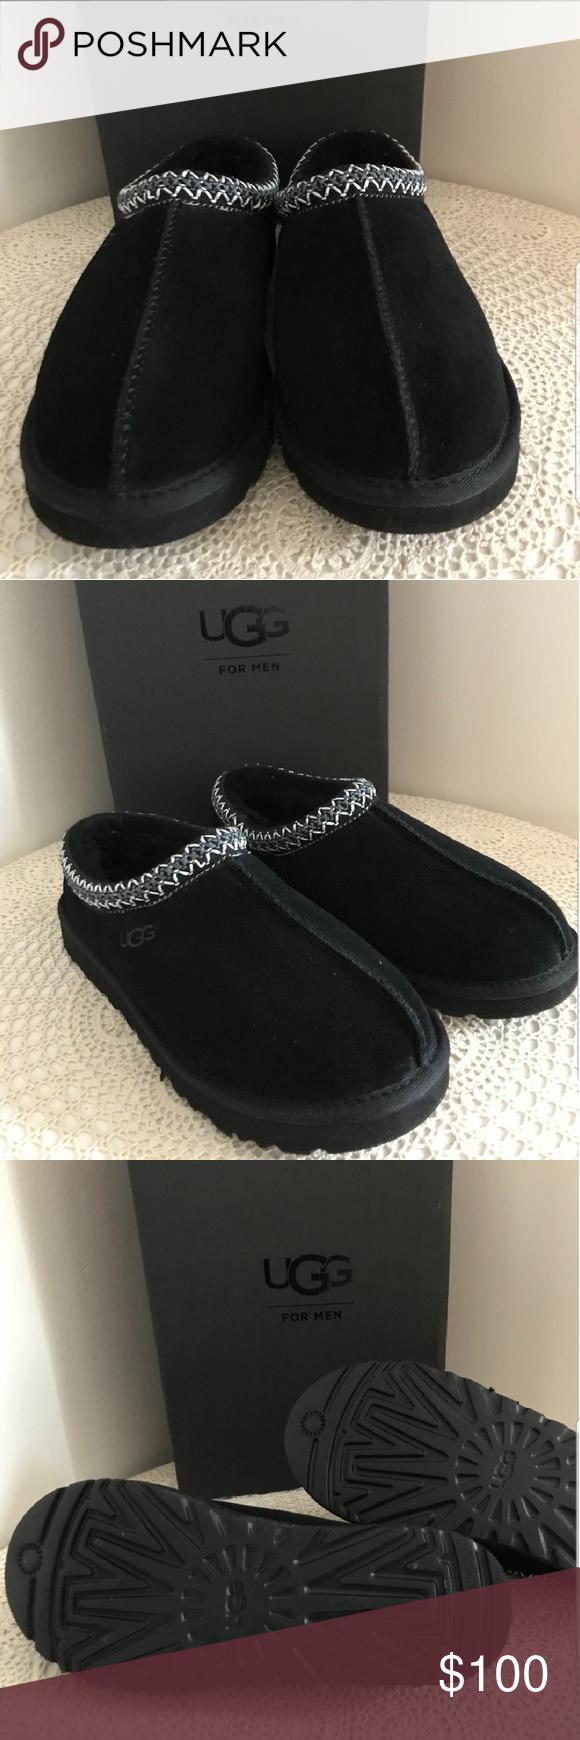 ec1da8767a4 UGGS mens Tasman slippers NIB Tasman slippers Never Worn! Size US 10 ...